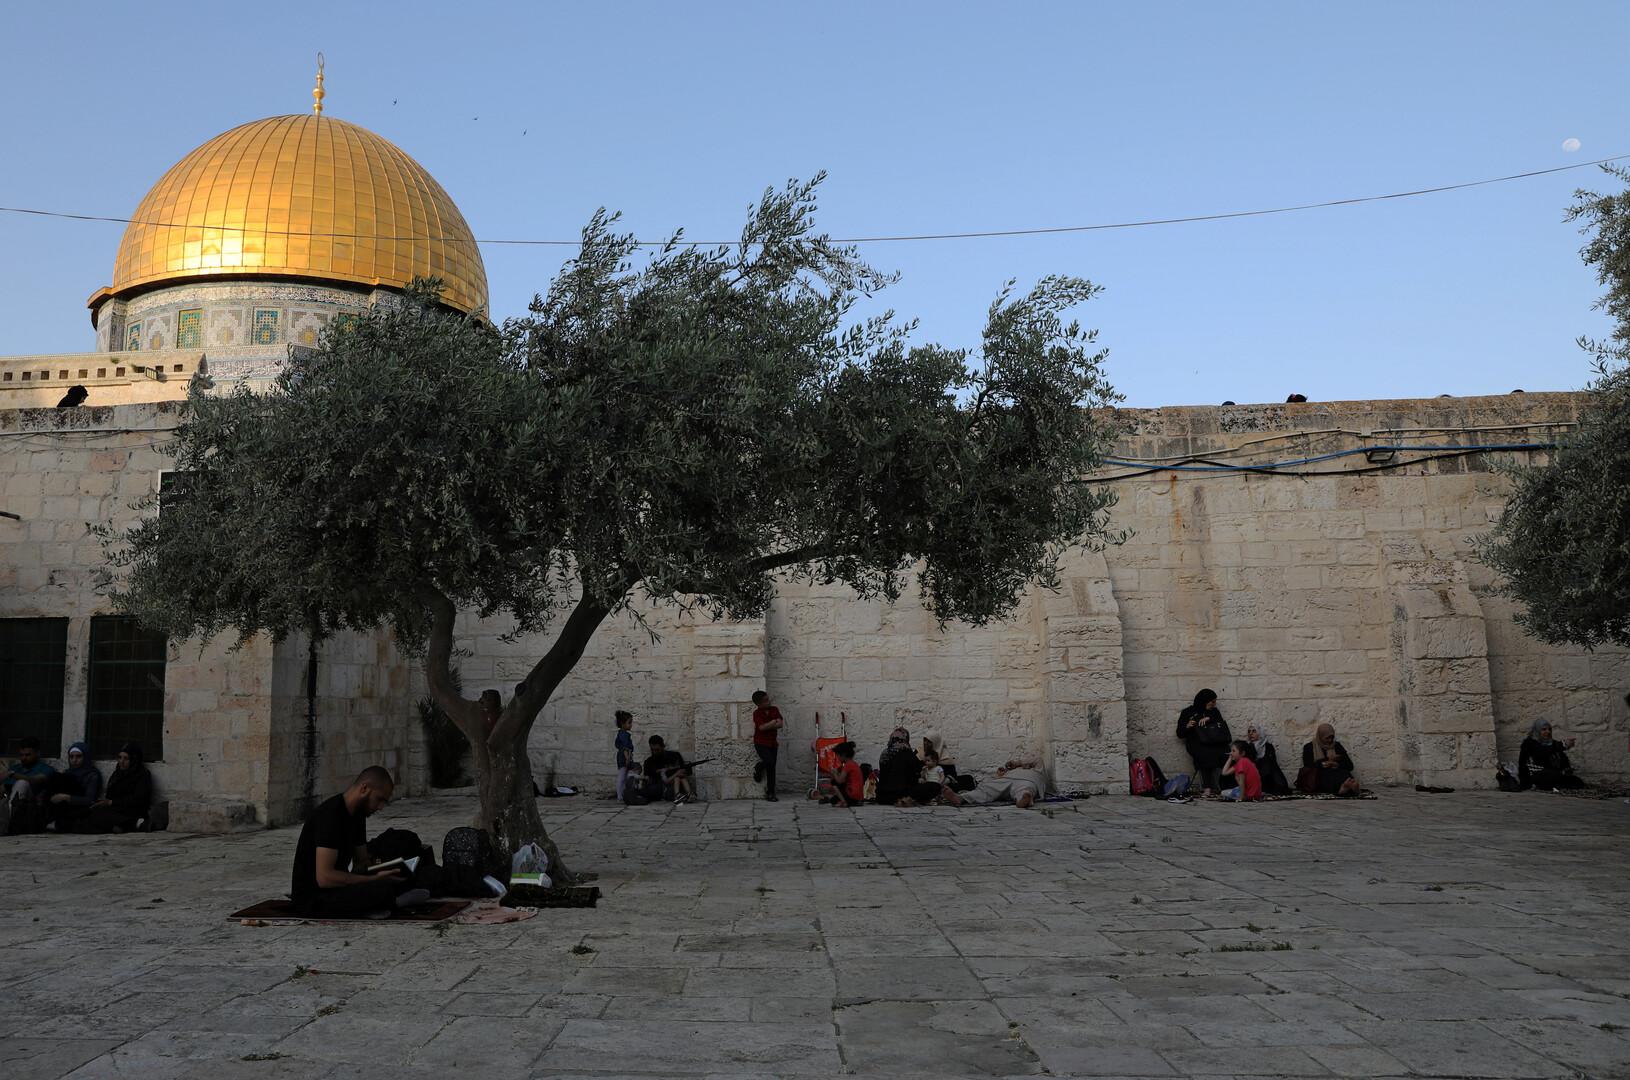 القوات الإسرائيلية تعتقل محافظ القدس وأمين سر حركة فتح بالمدينة